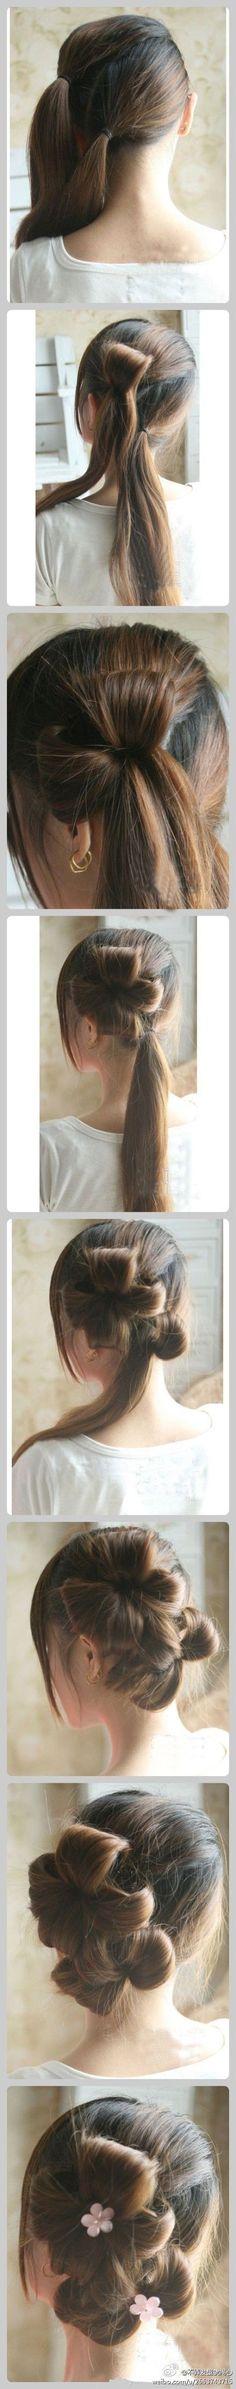 15 tuto coiffures pour une rentrée bien peignée   Glamour